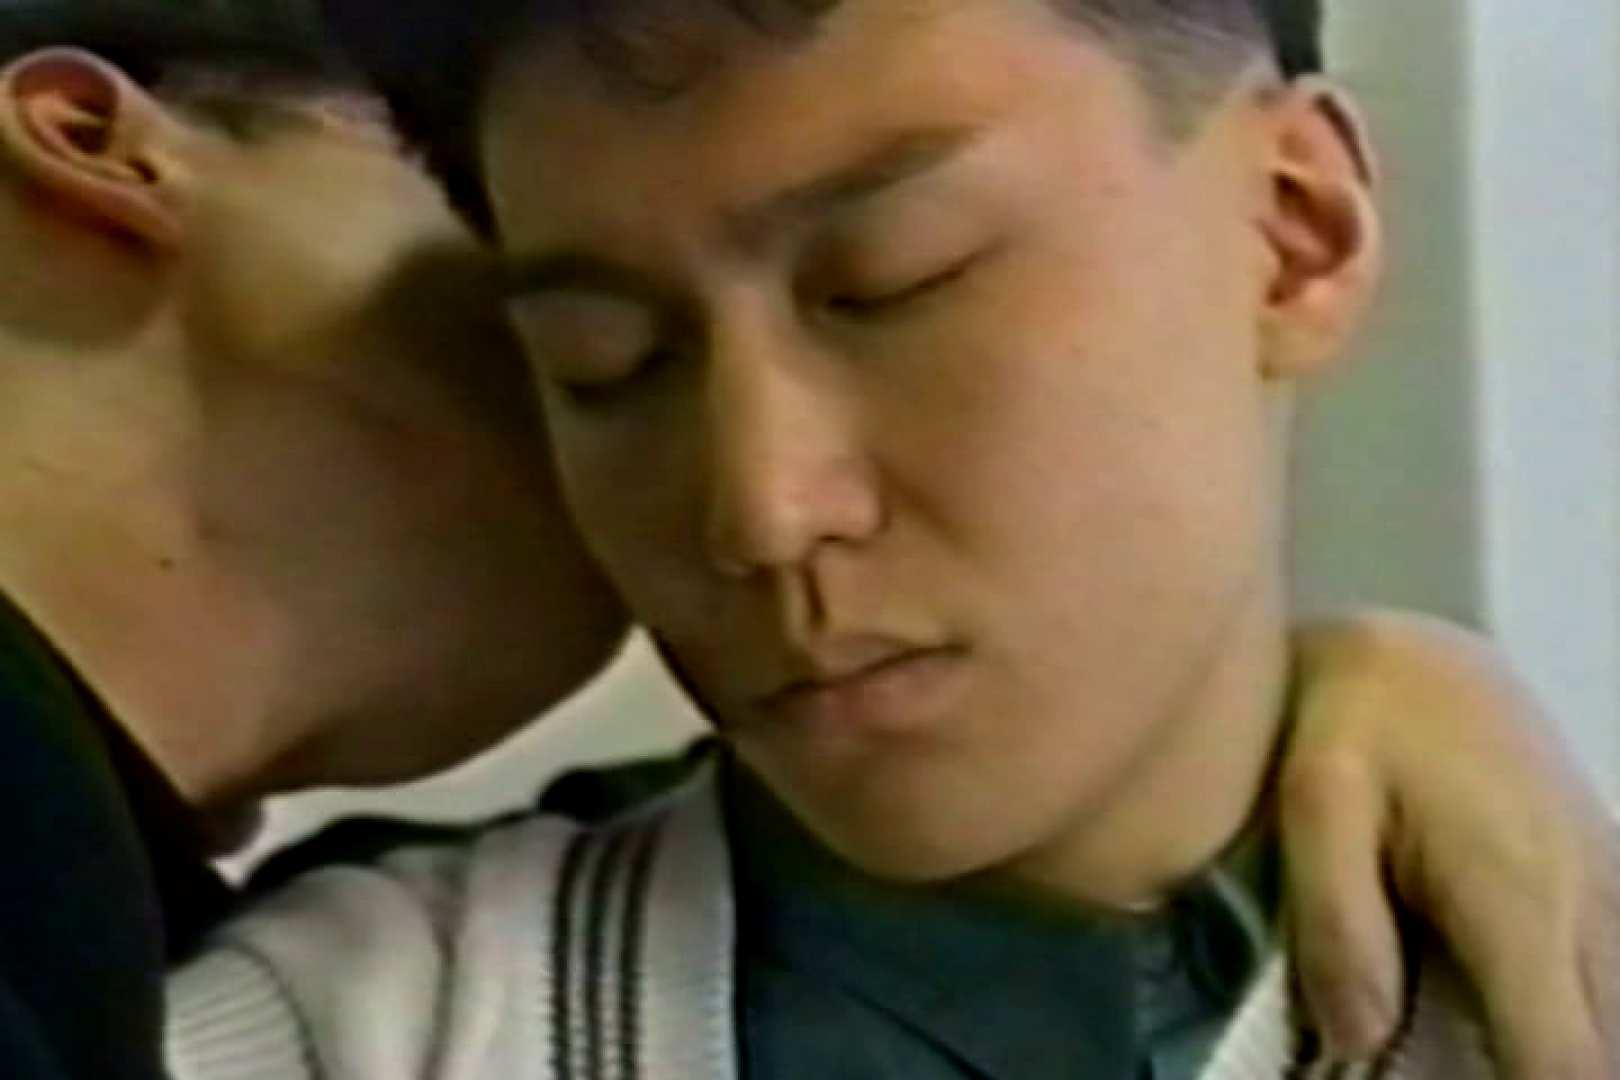 往年の名作 あの頃は若かった!Vol.02 エロ特集 ゲイセックス画像 105pic 33